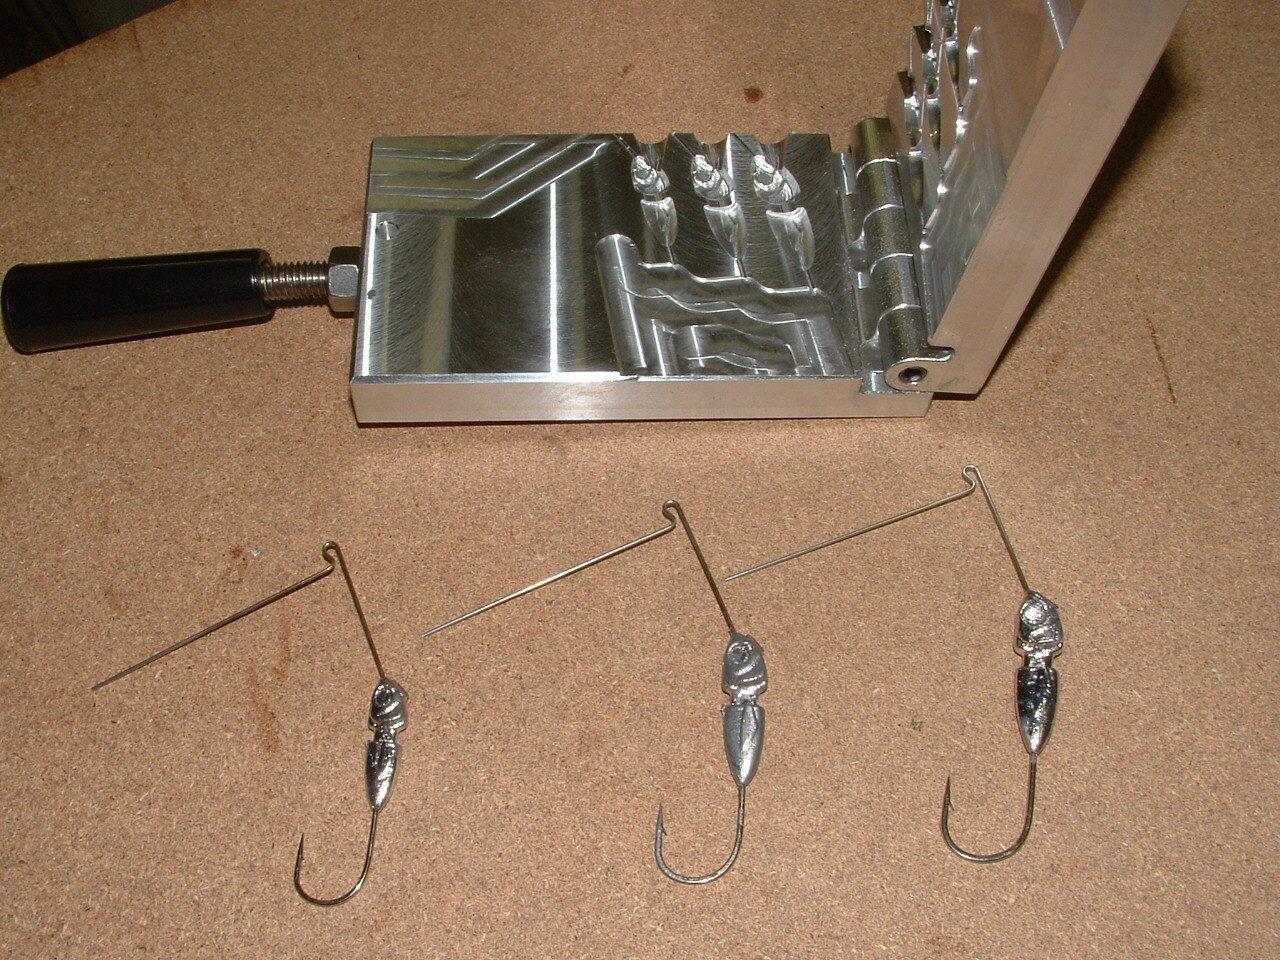 Freshwater Spinnerbait Hidden Weight -4  mold 1 4, 3 8, 1 2 oz CNC Aluminum